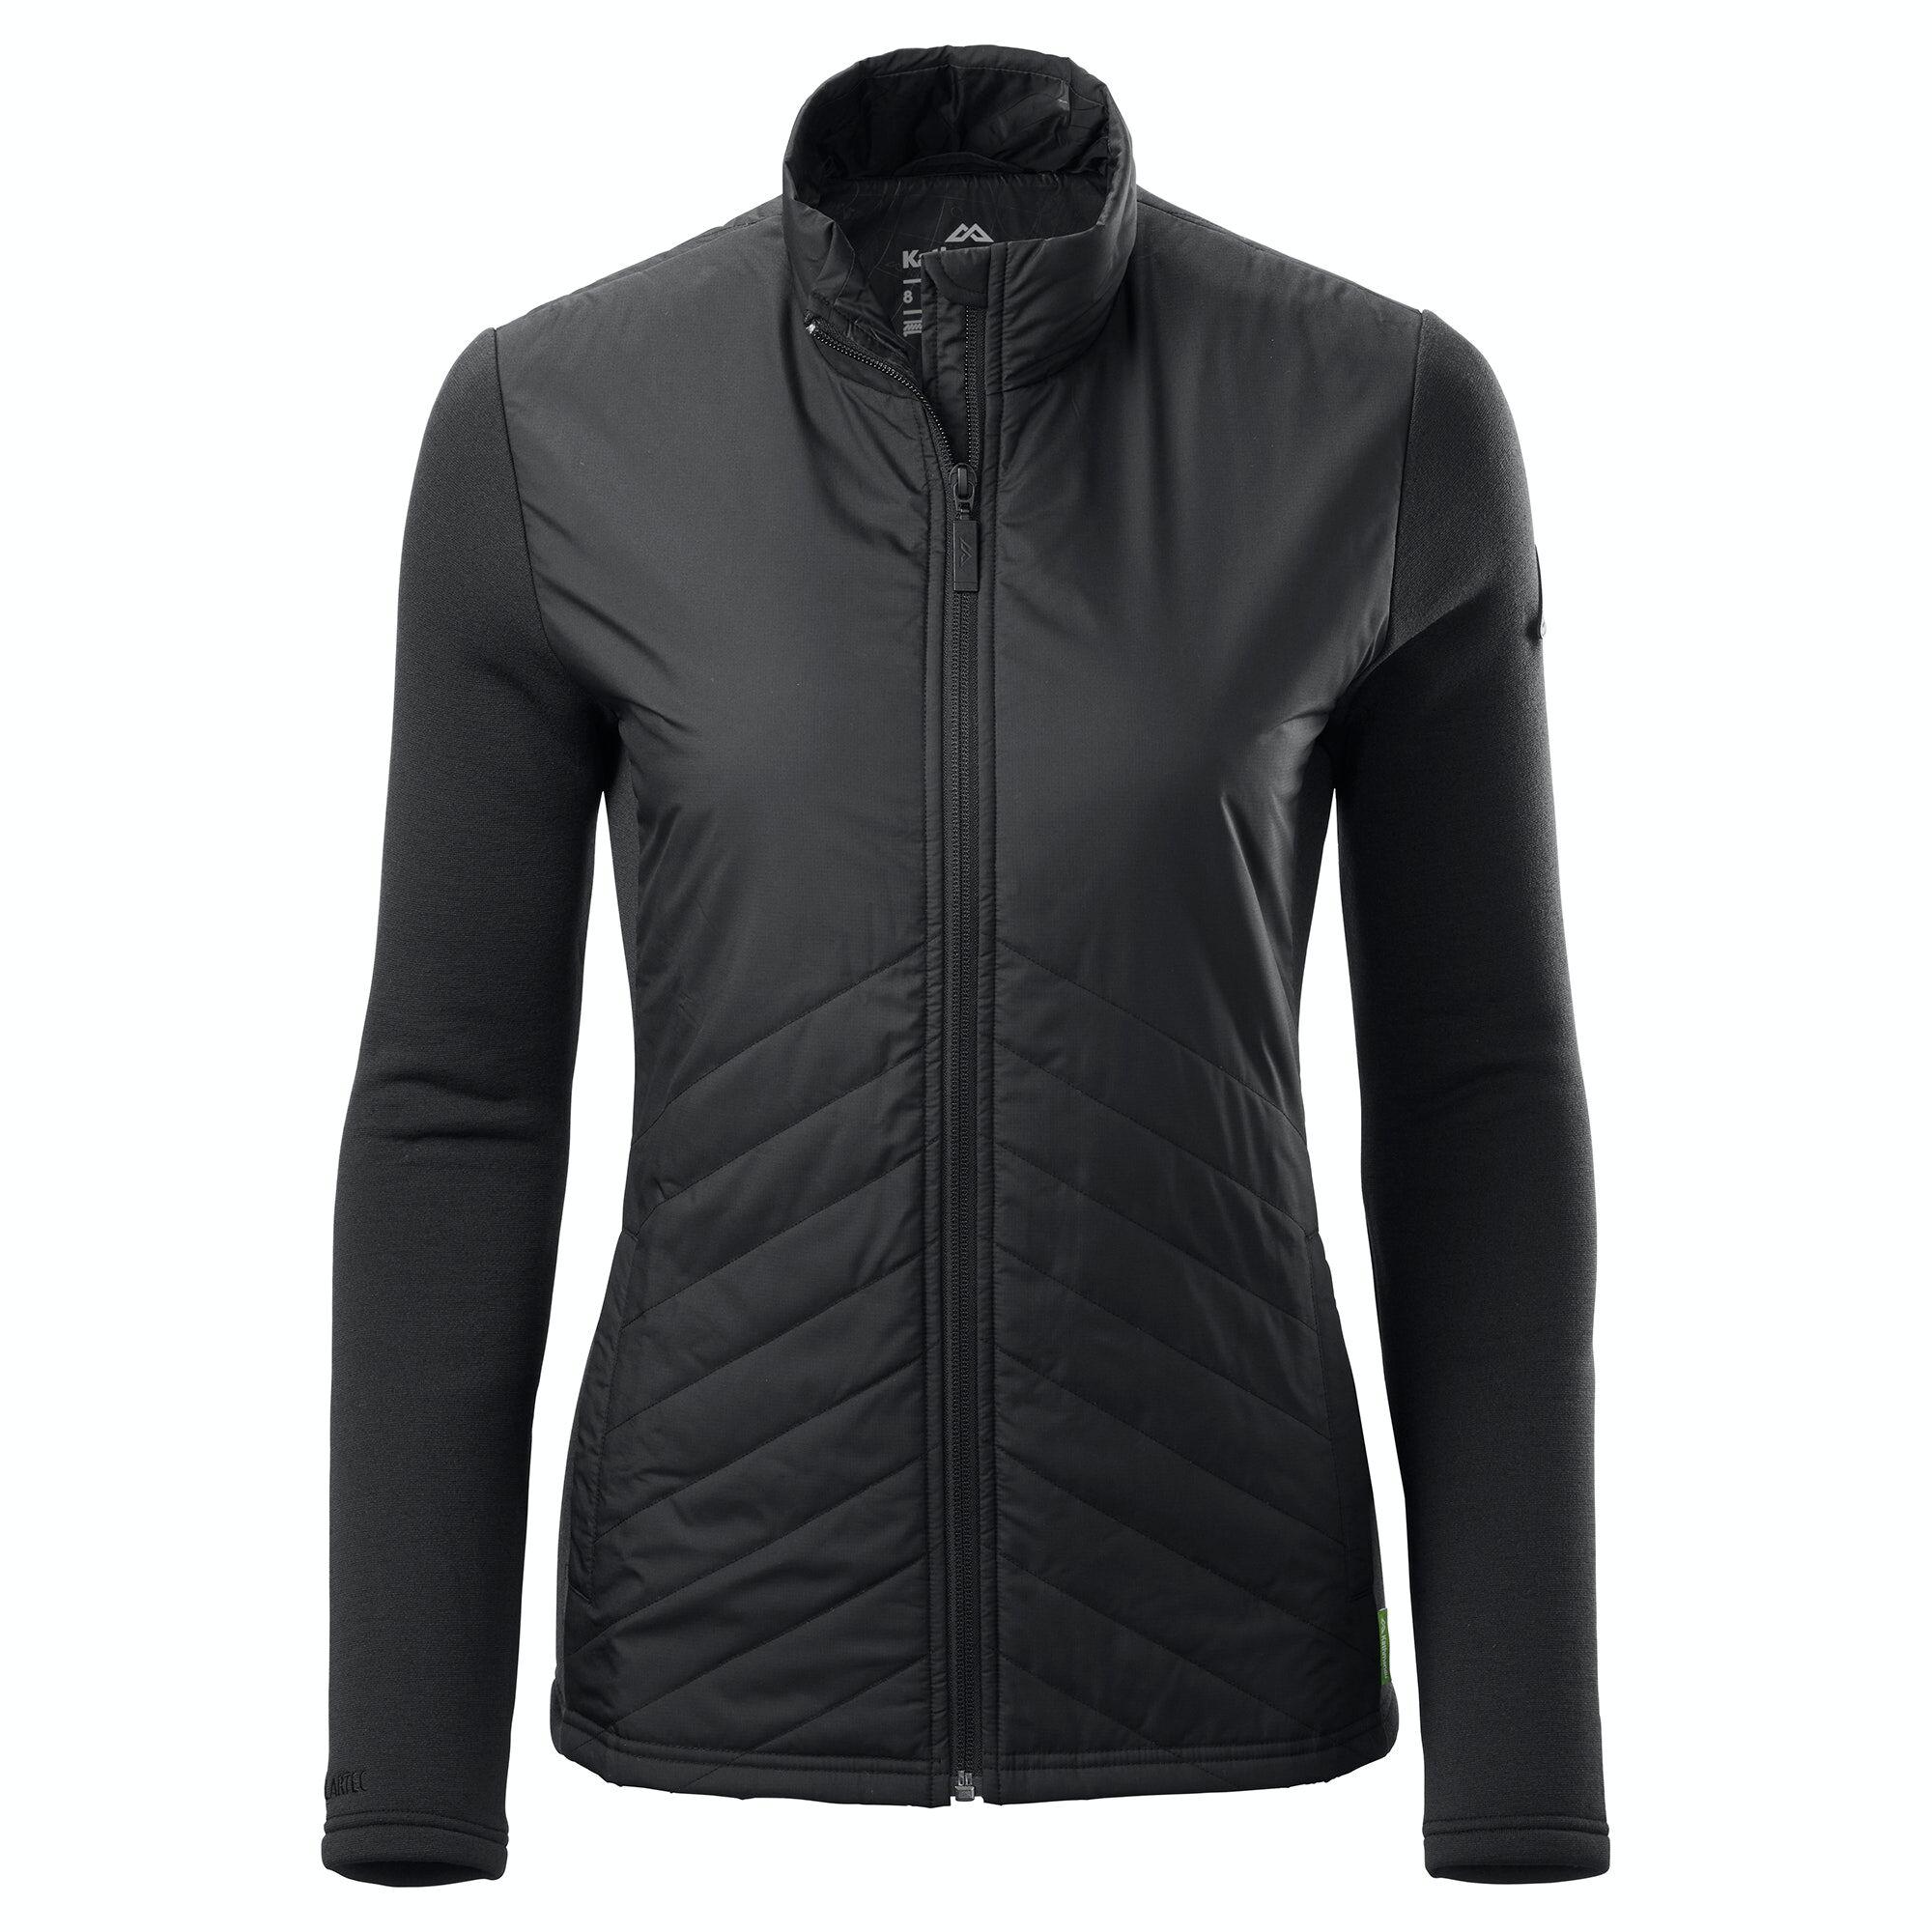 Kathmandu Hybrid Women's Jacket  - Black - Size: US 6